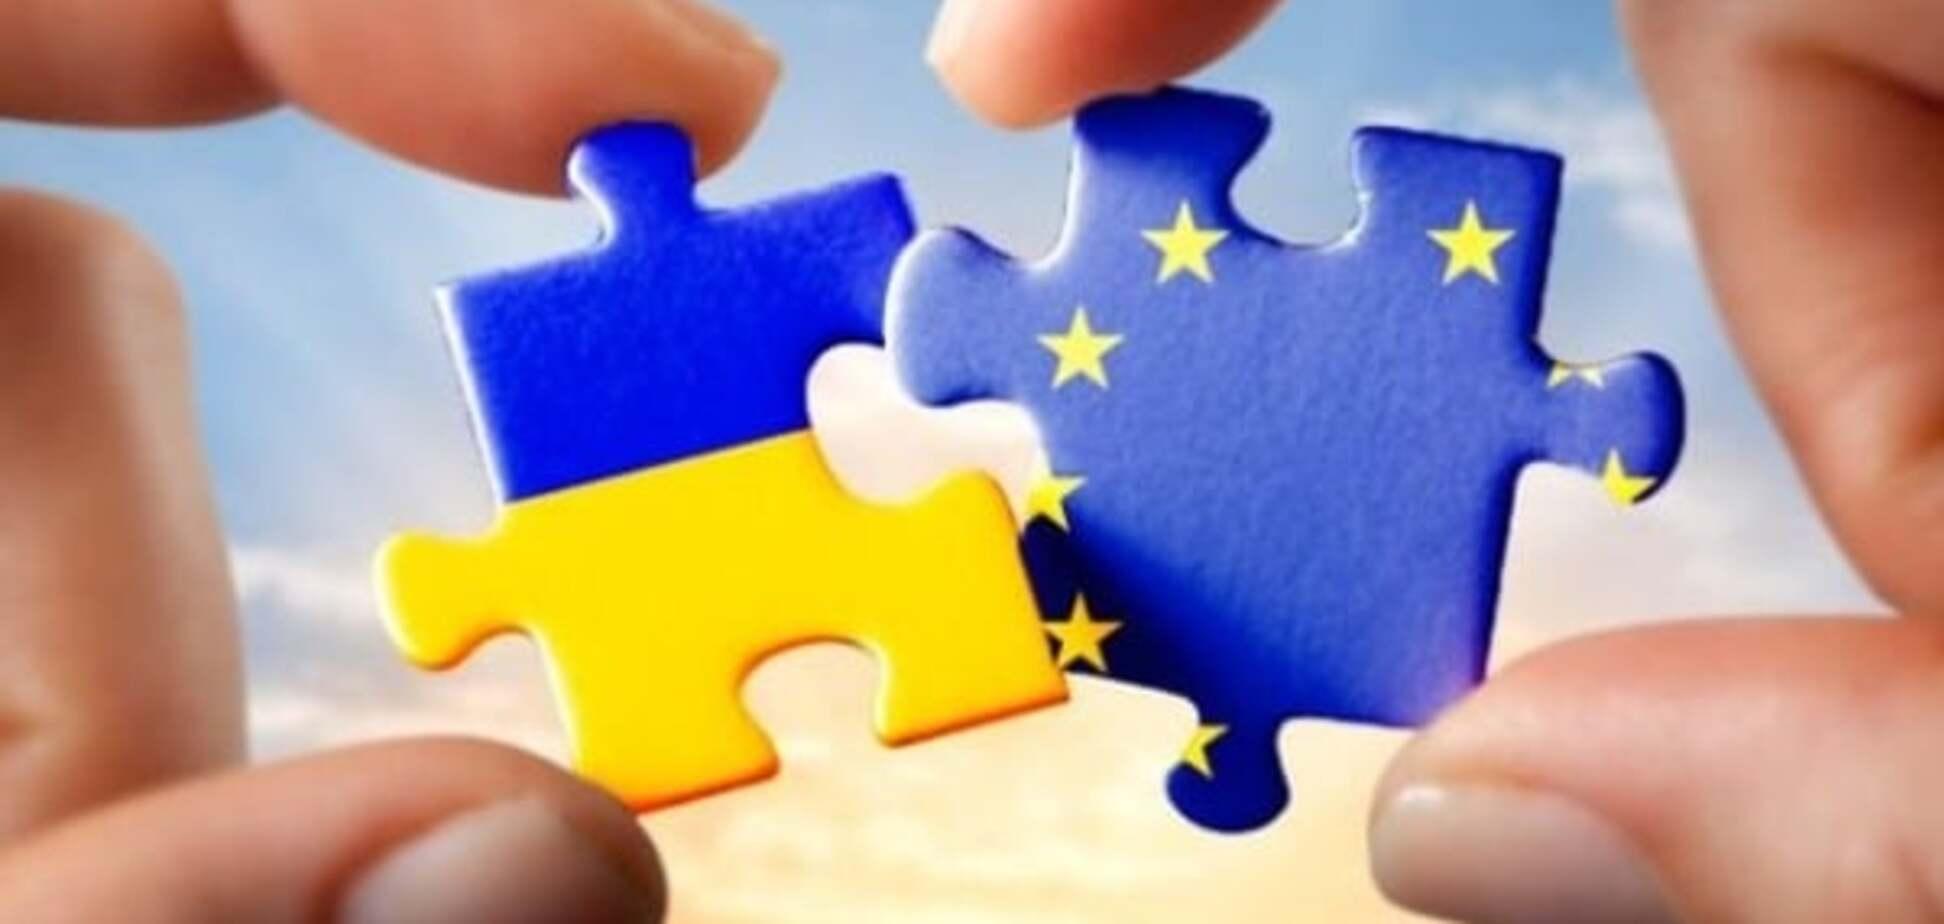 Украина исчерпала квоты Евросоюза на беспошлинный ввоз трех популярных товаров